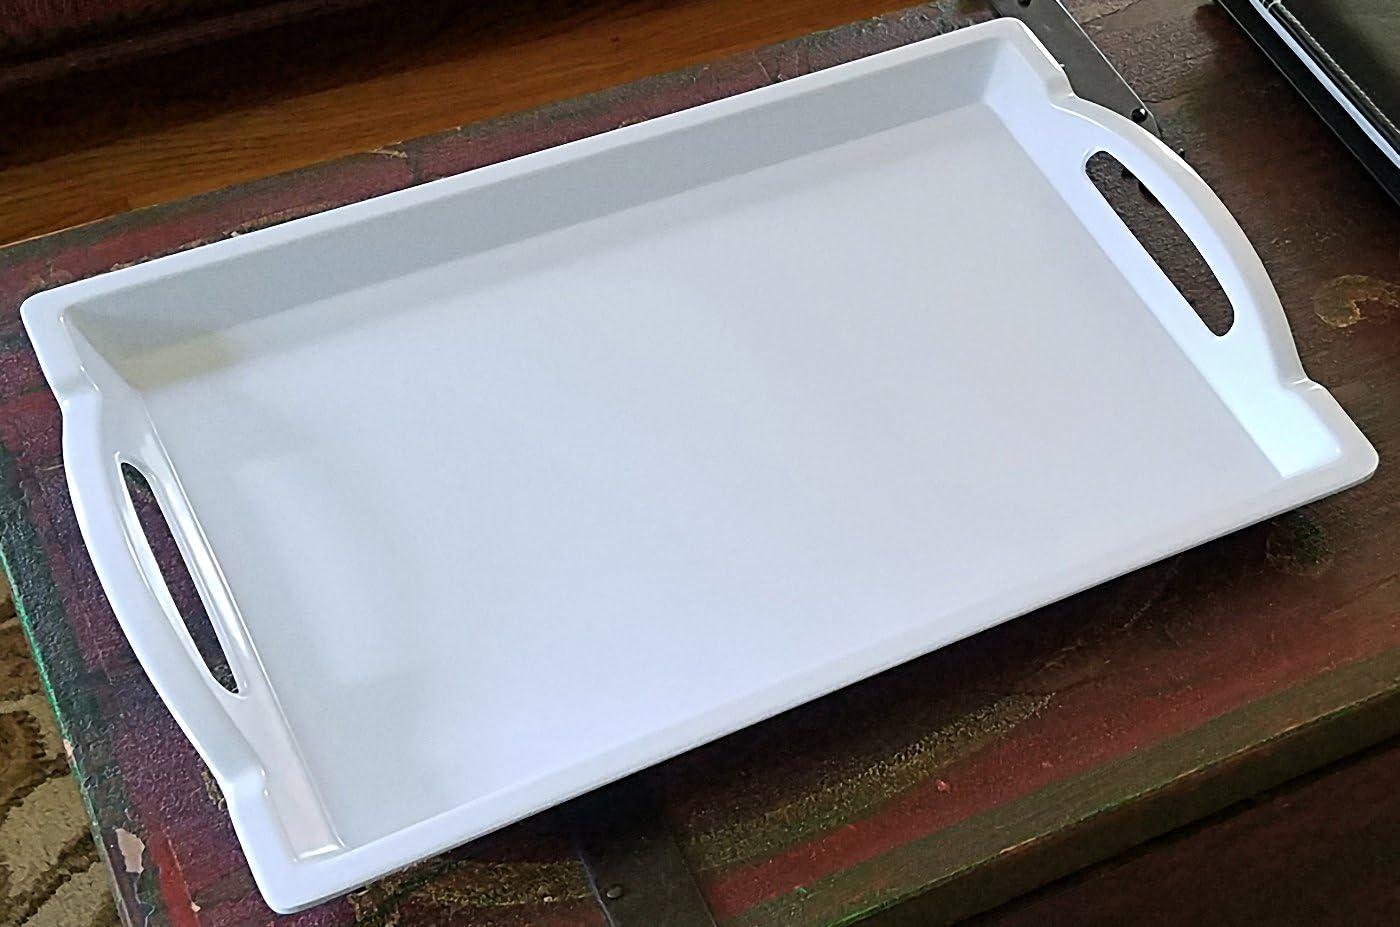 30cmx20cm bandejas para el hogar Victoy Bandeja de Servir Fiesta para Servir Alimentos Rectangular Bar de pl/ástico Coreano Antideslizante Resistente a los ara/ñazos